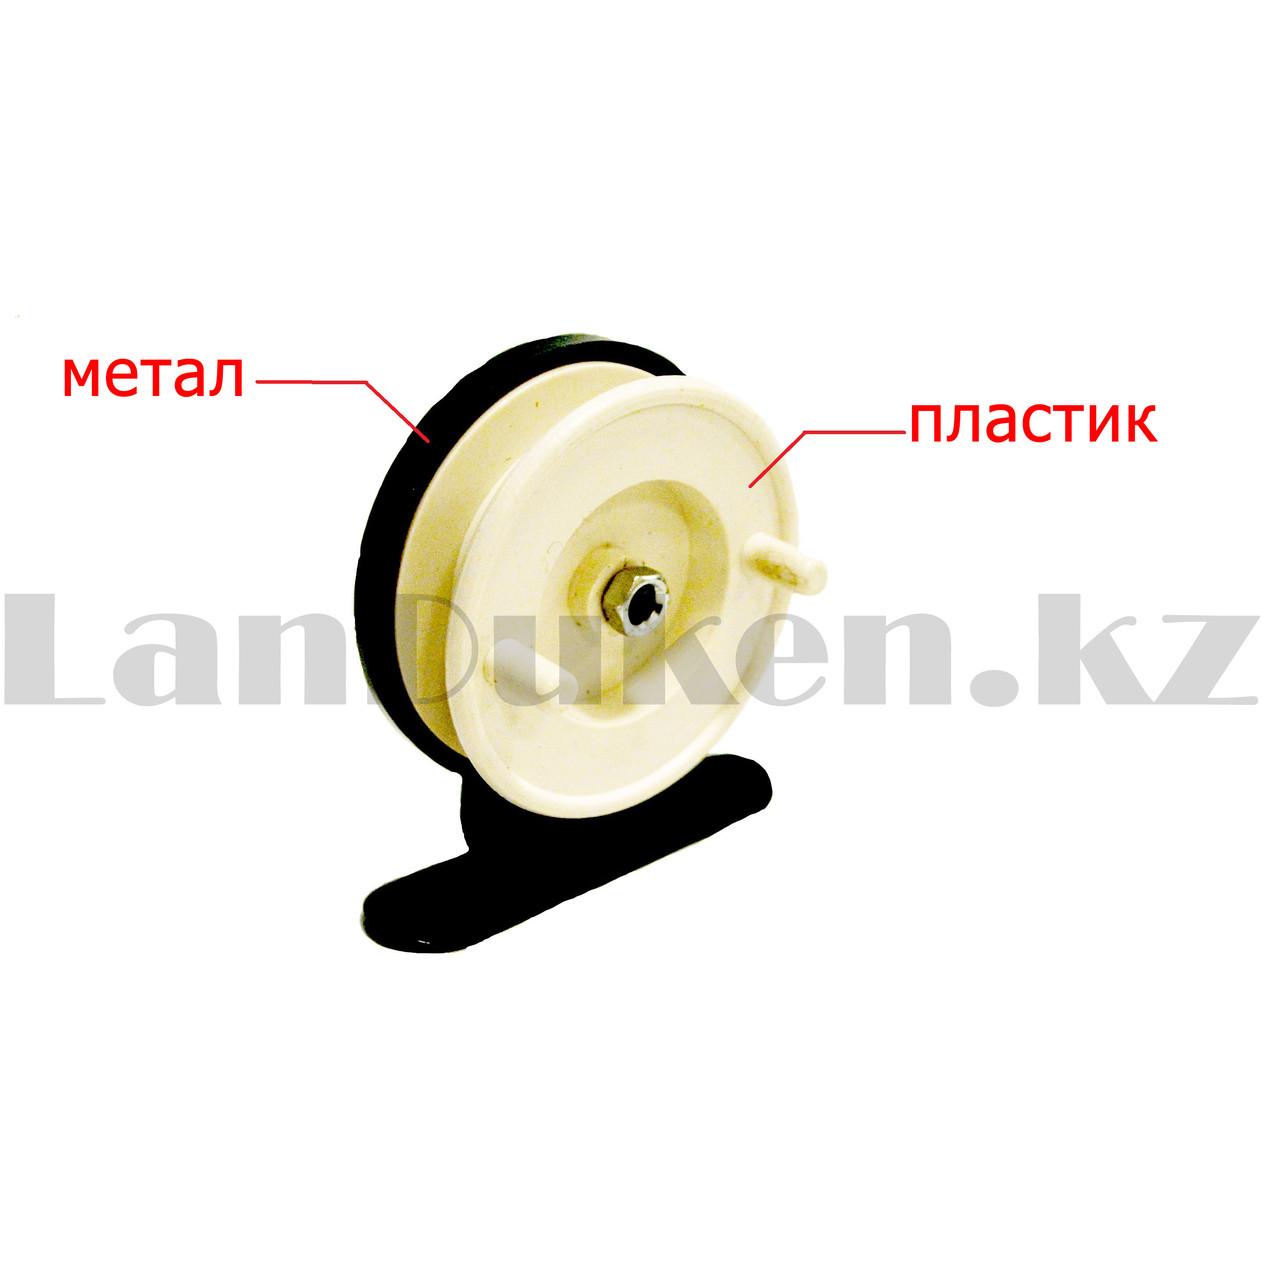 Инерционная катушка для удочки металлическая - фото 2